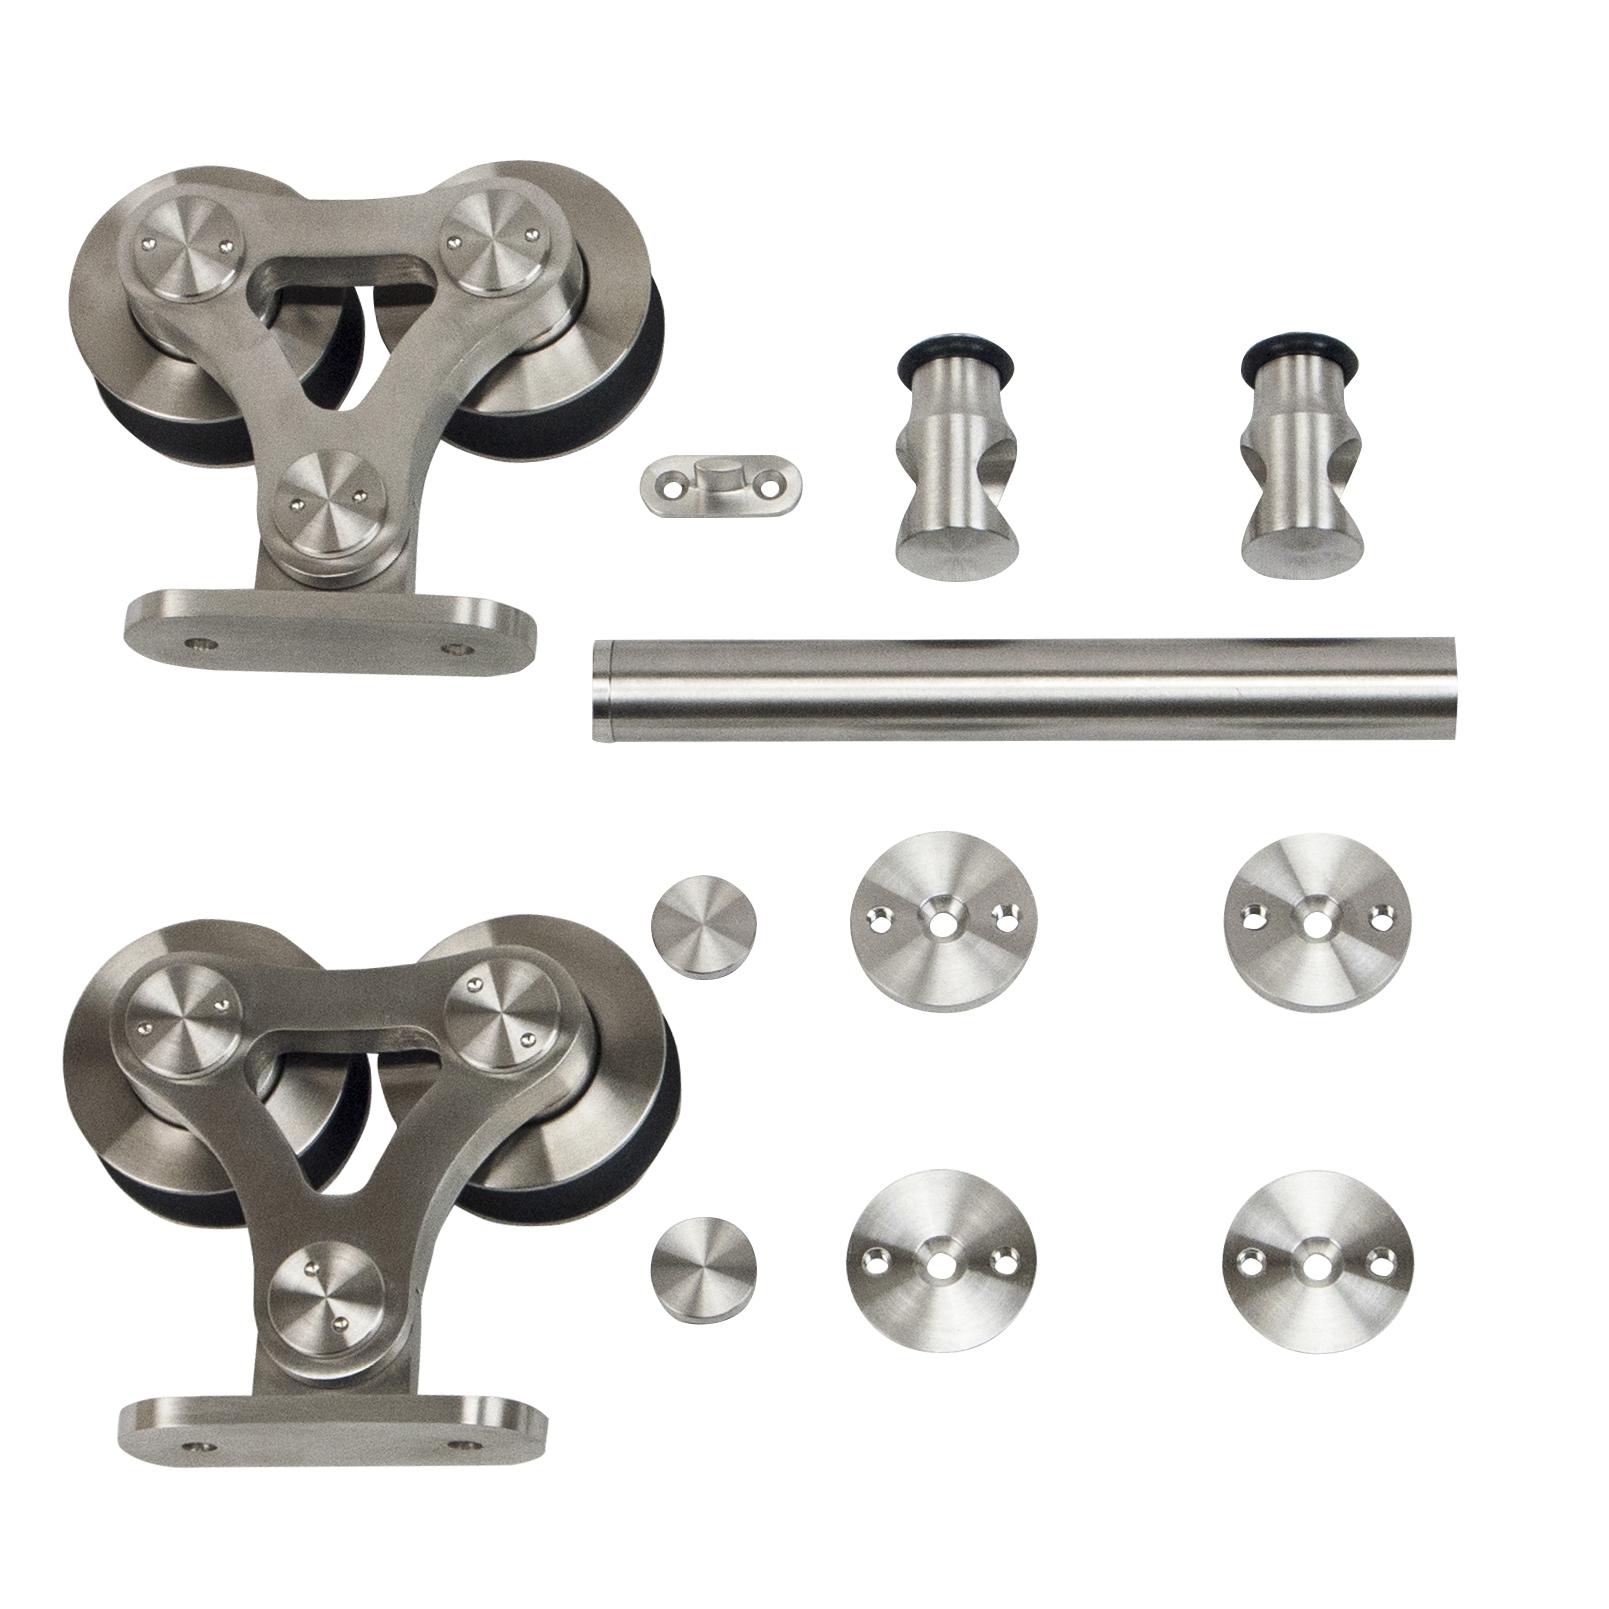 6.6 Ft. Stainless Steel Top Mount Dual Wheel Rolling Door Hardware Kit for Wood Doors